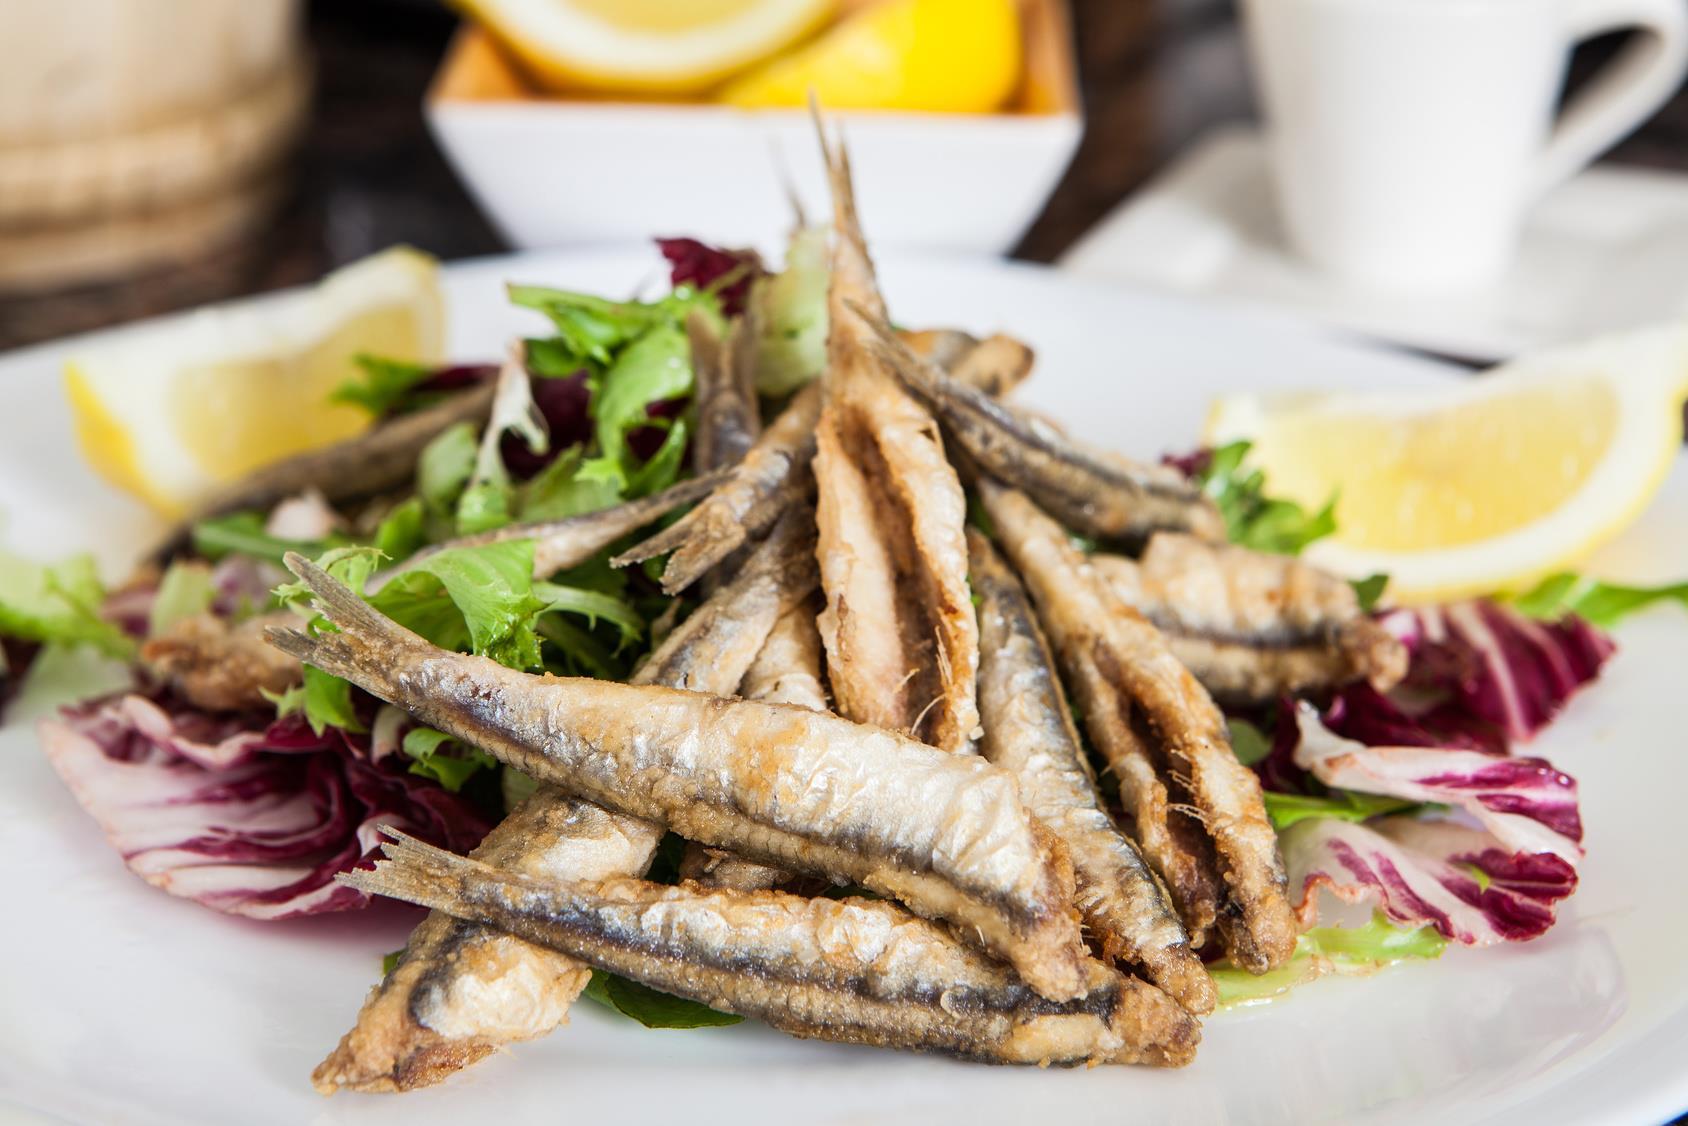 Anchoas fritas: 2 deliciosas formas de hacerlas